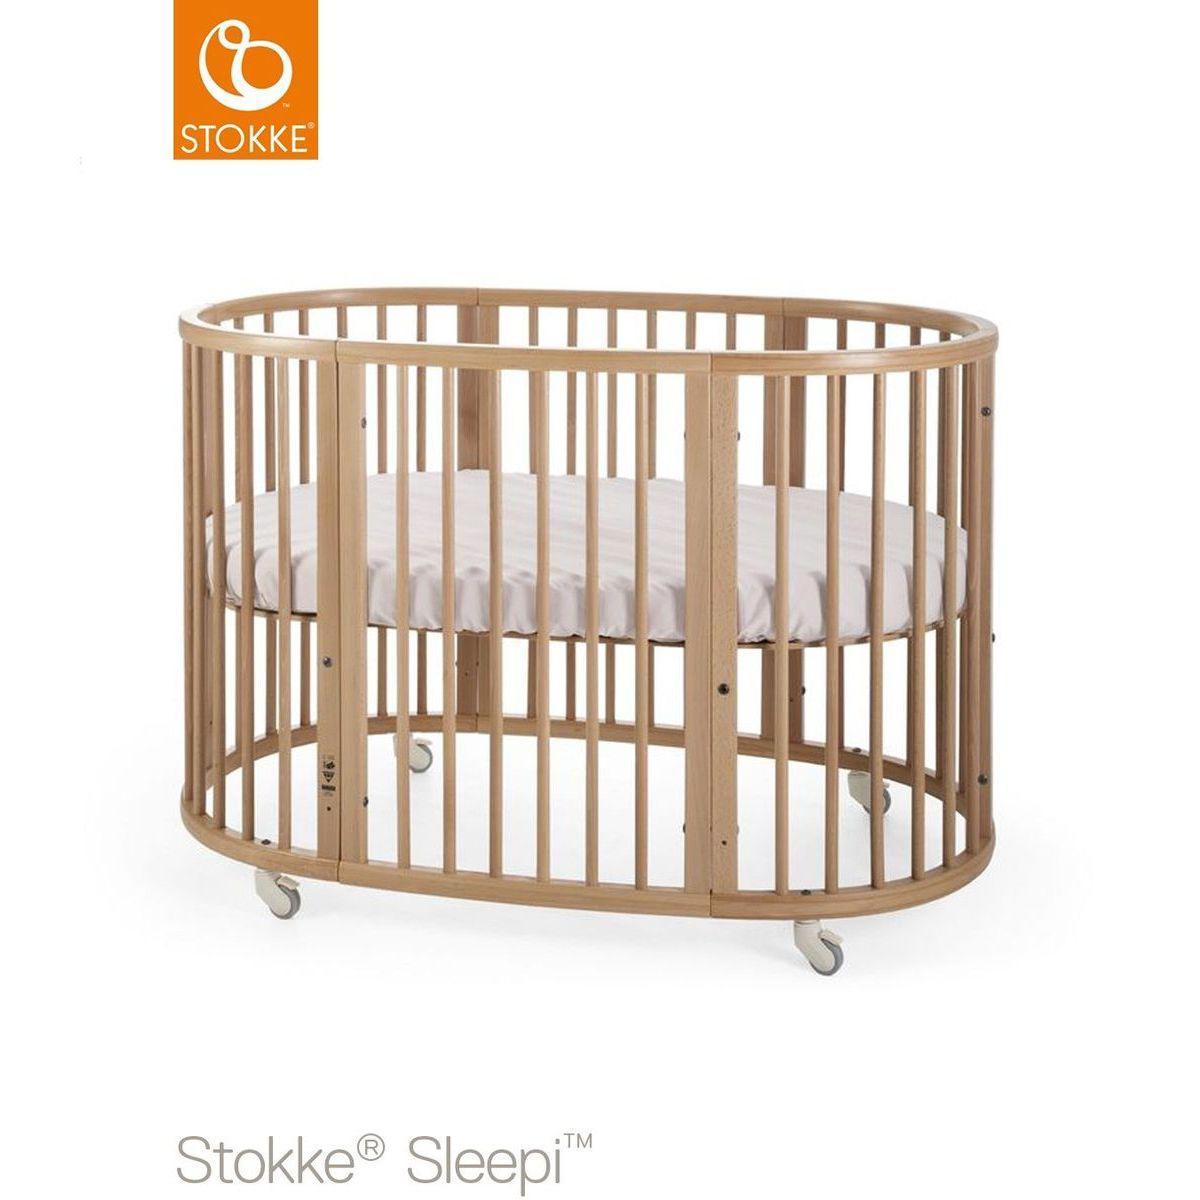 Kit extension lit bébé SLEEPI Stokke naturel